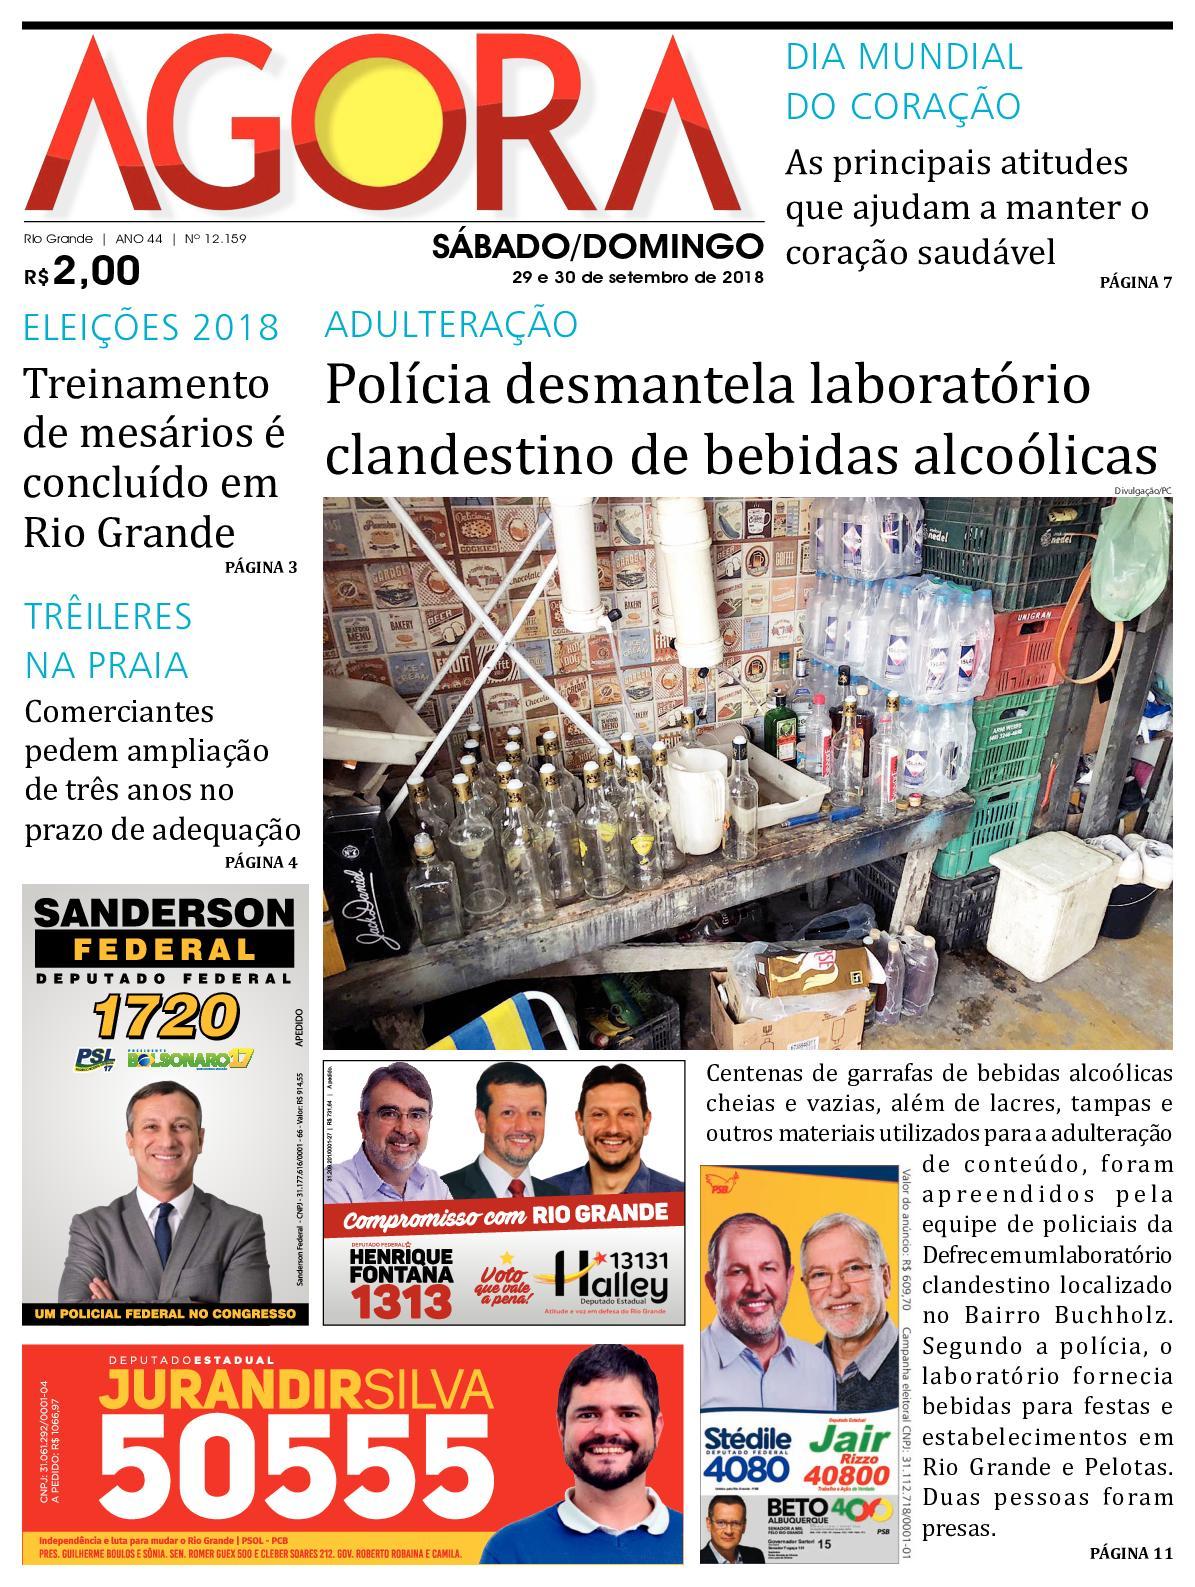 7b6bdb88c Calaméo - Jornal Agora - Edição 12159 - 29 e 30 de Setembro de 2018